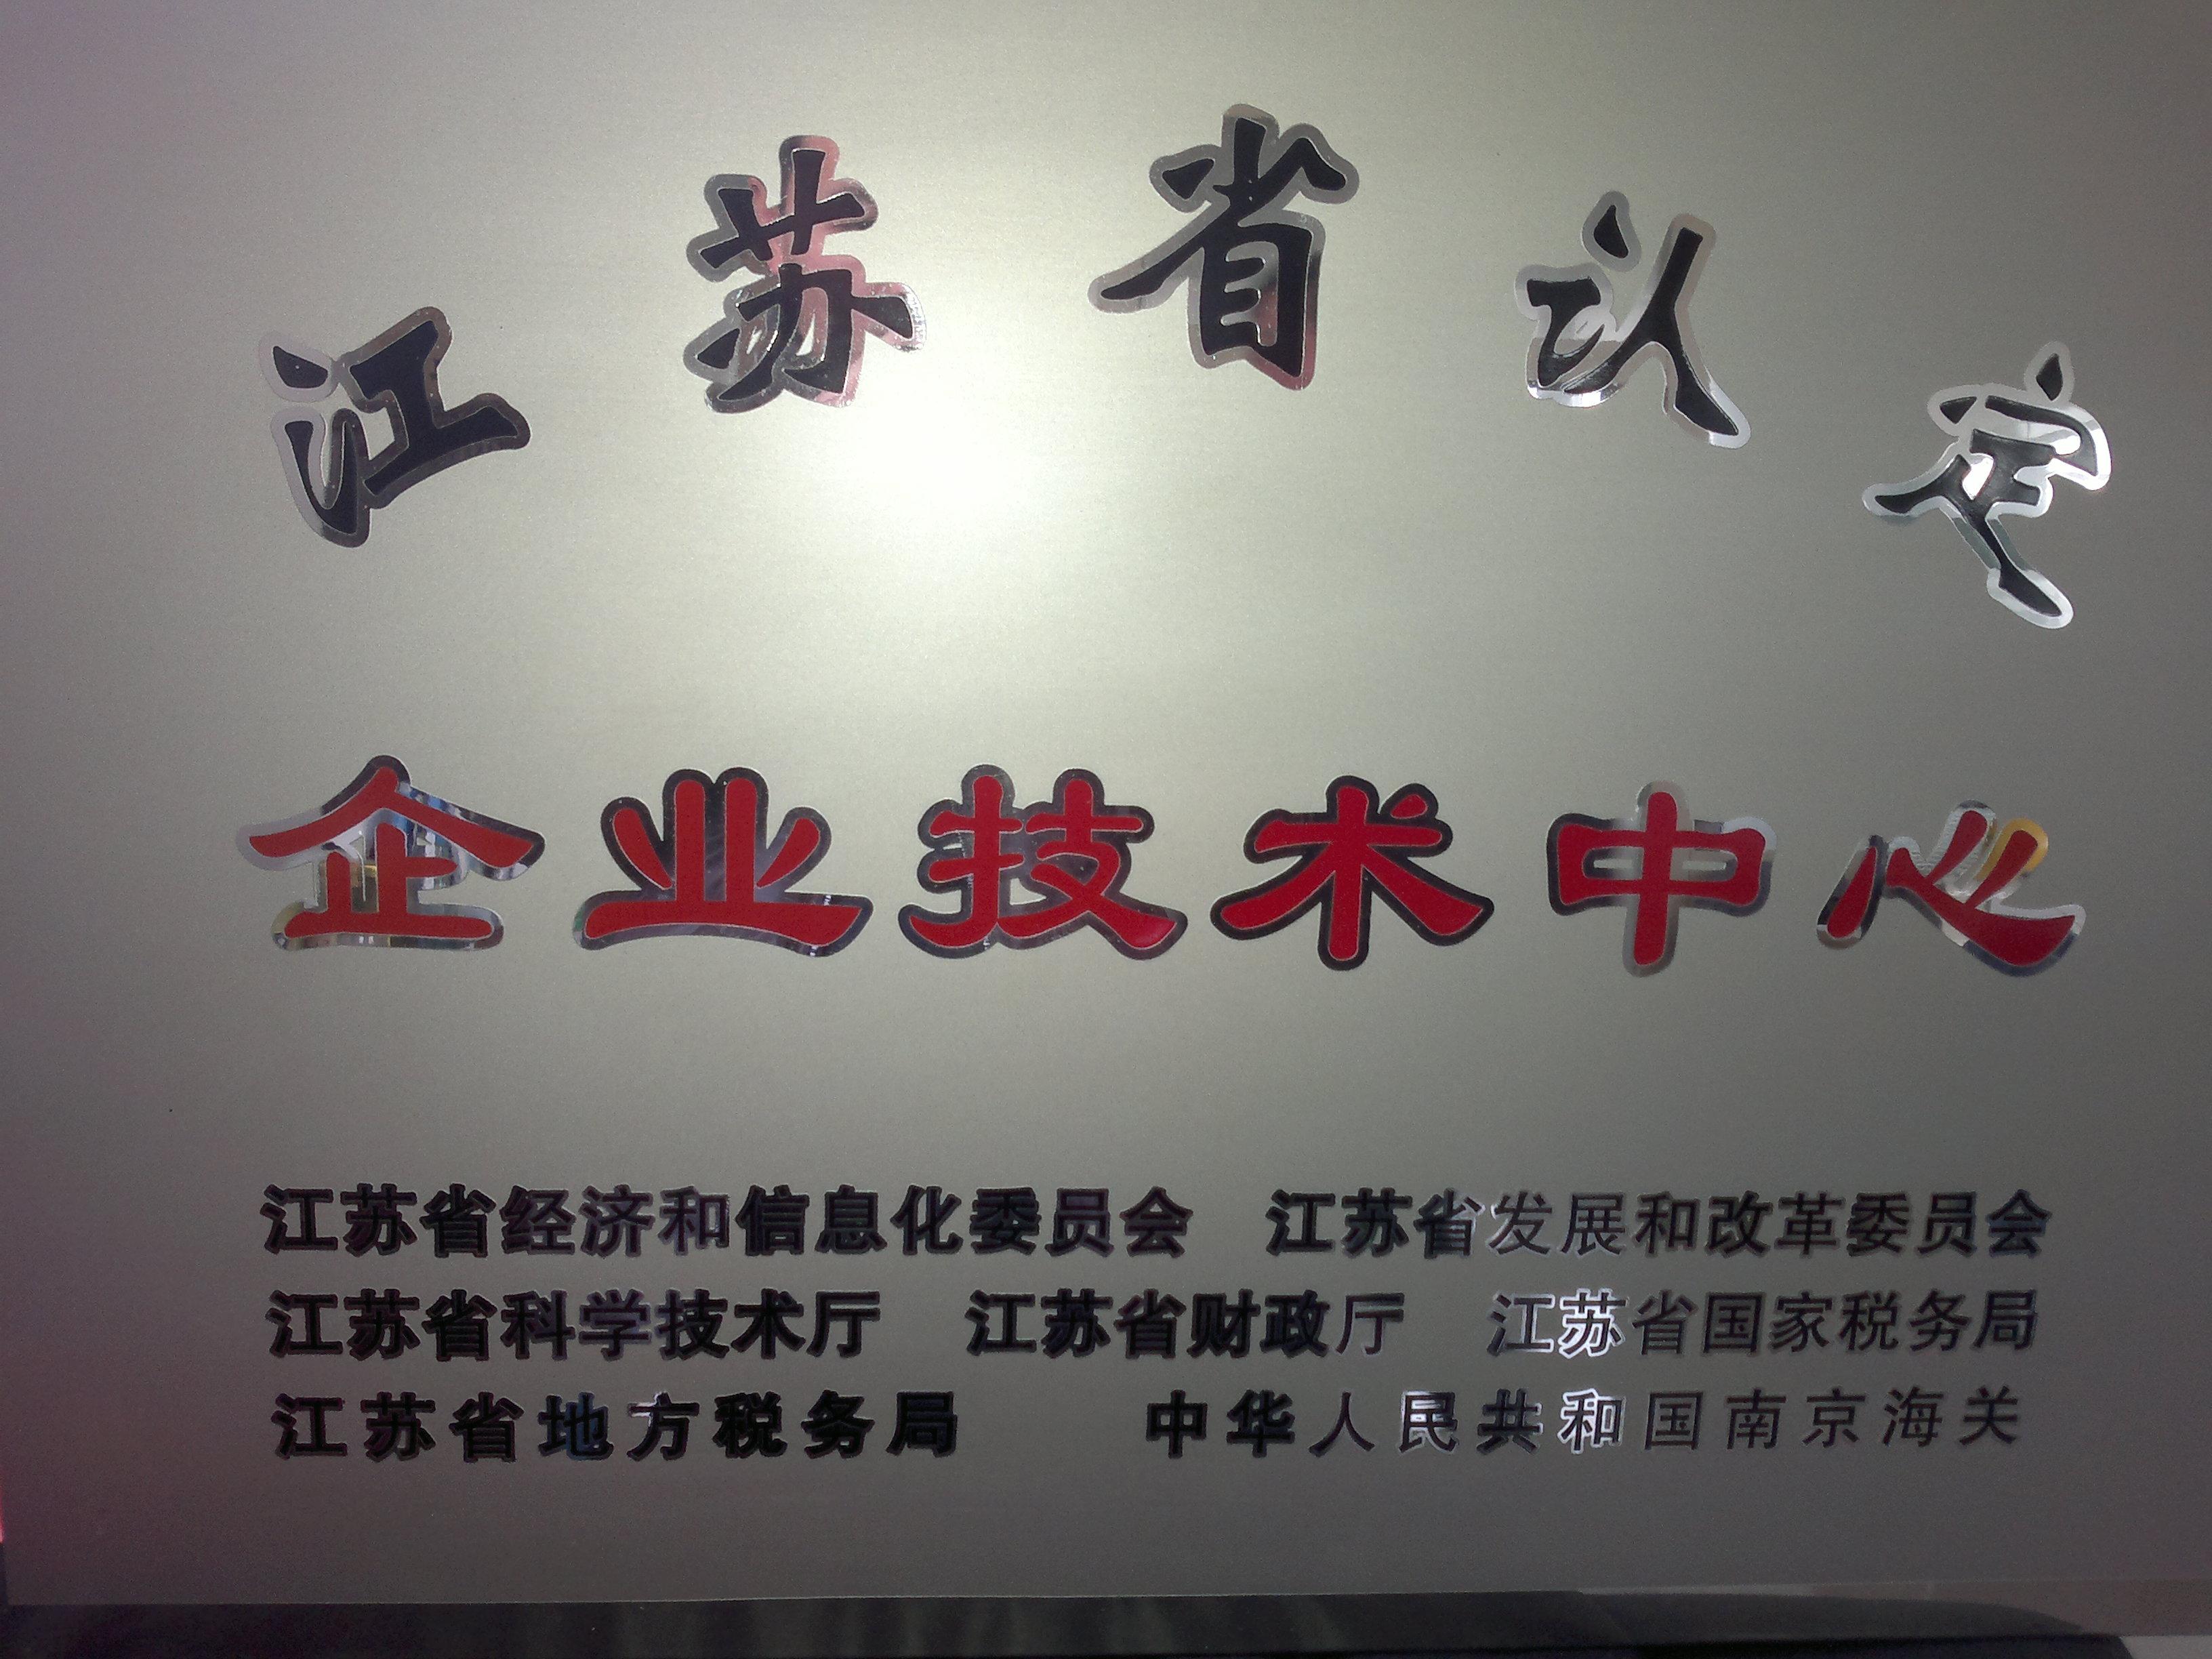 重要奖项-1.3、2010江苏省企业技术中心